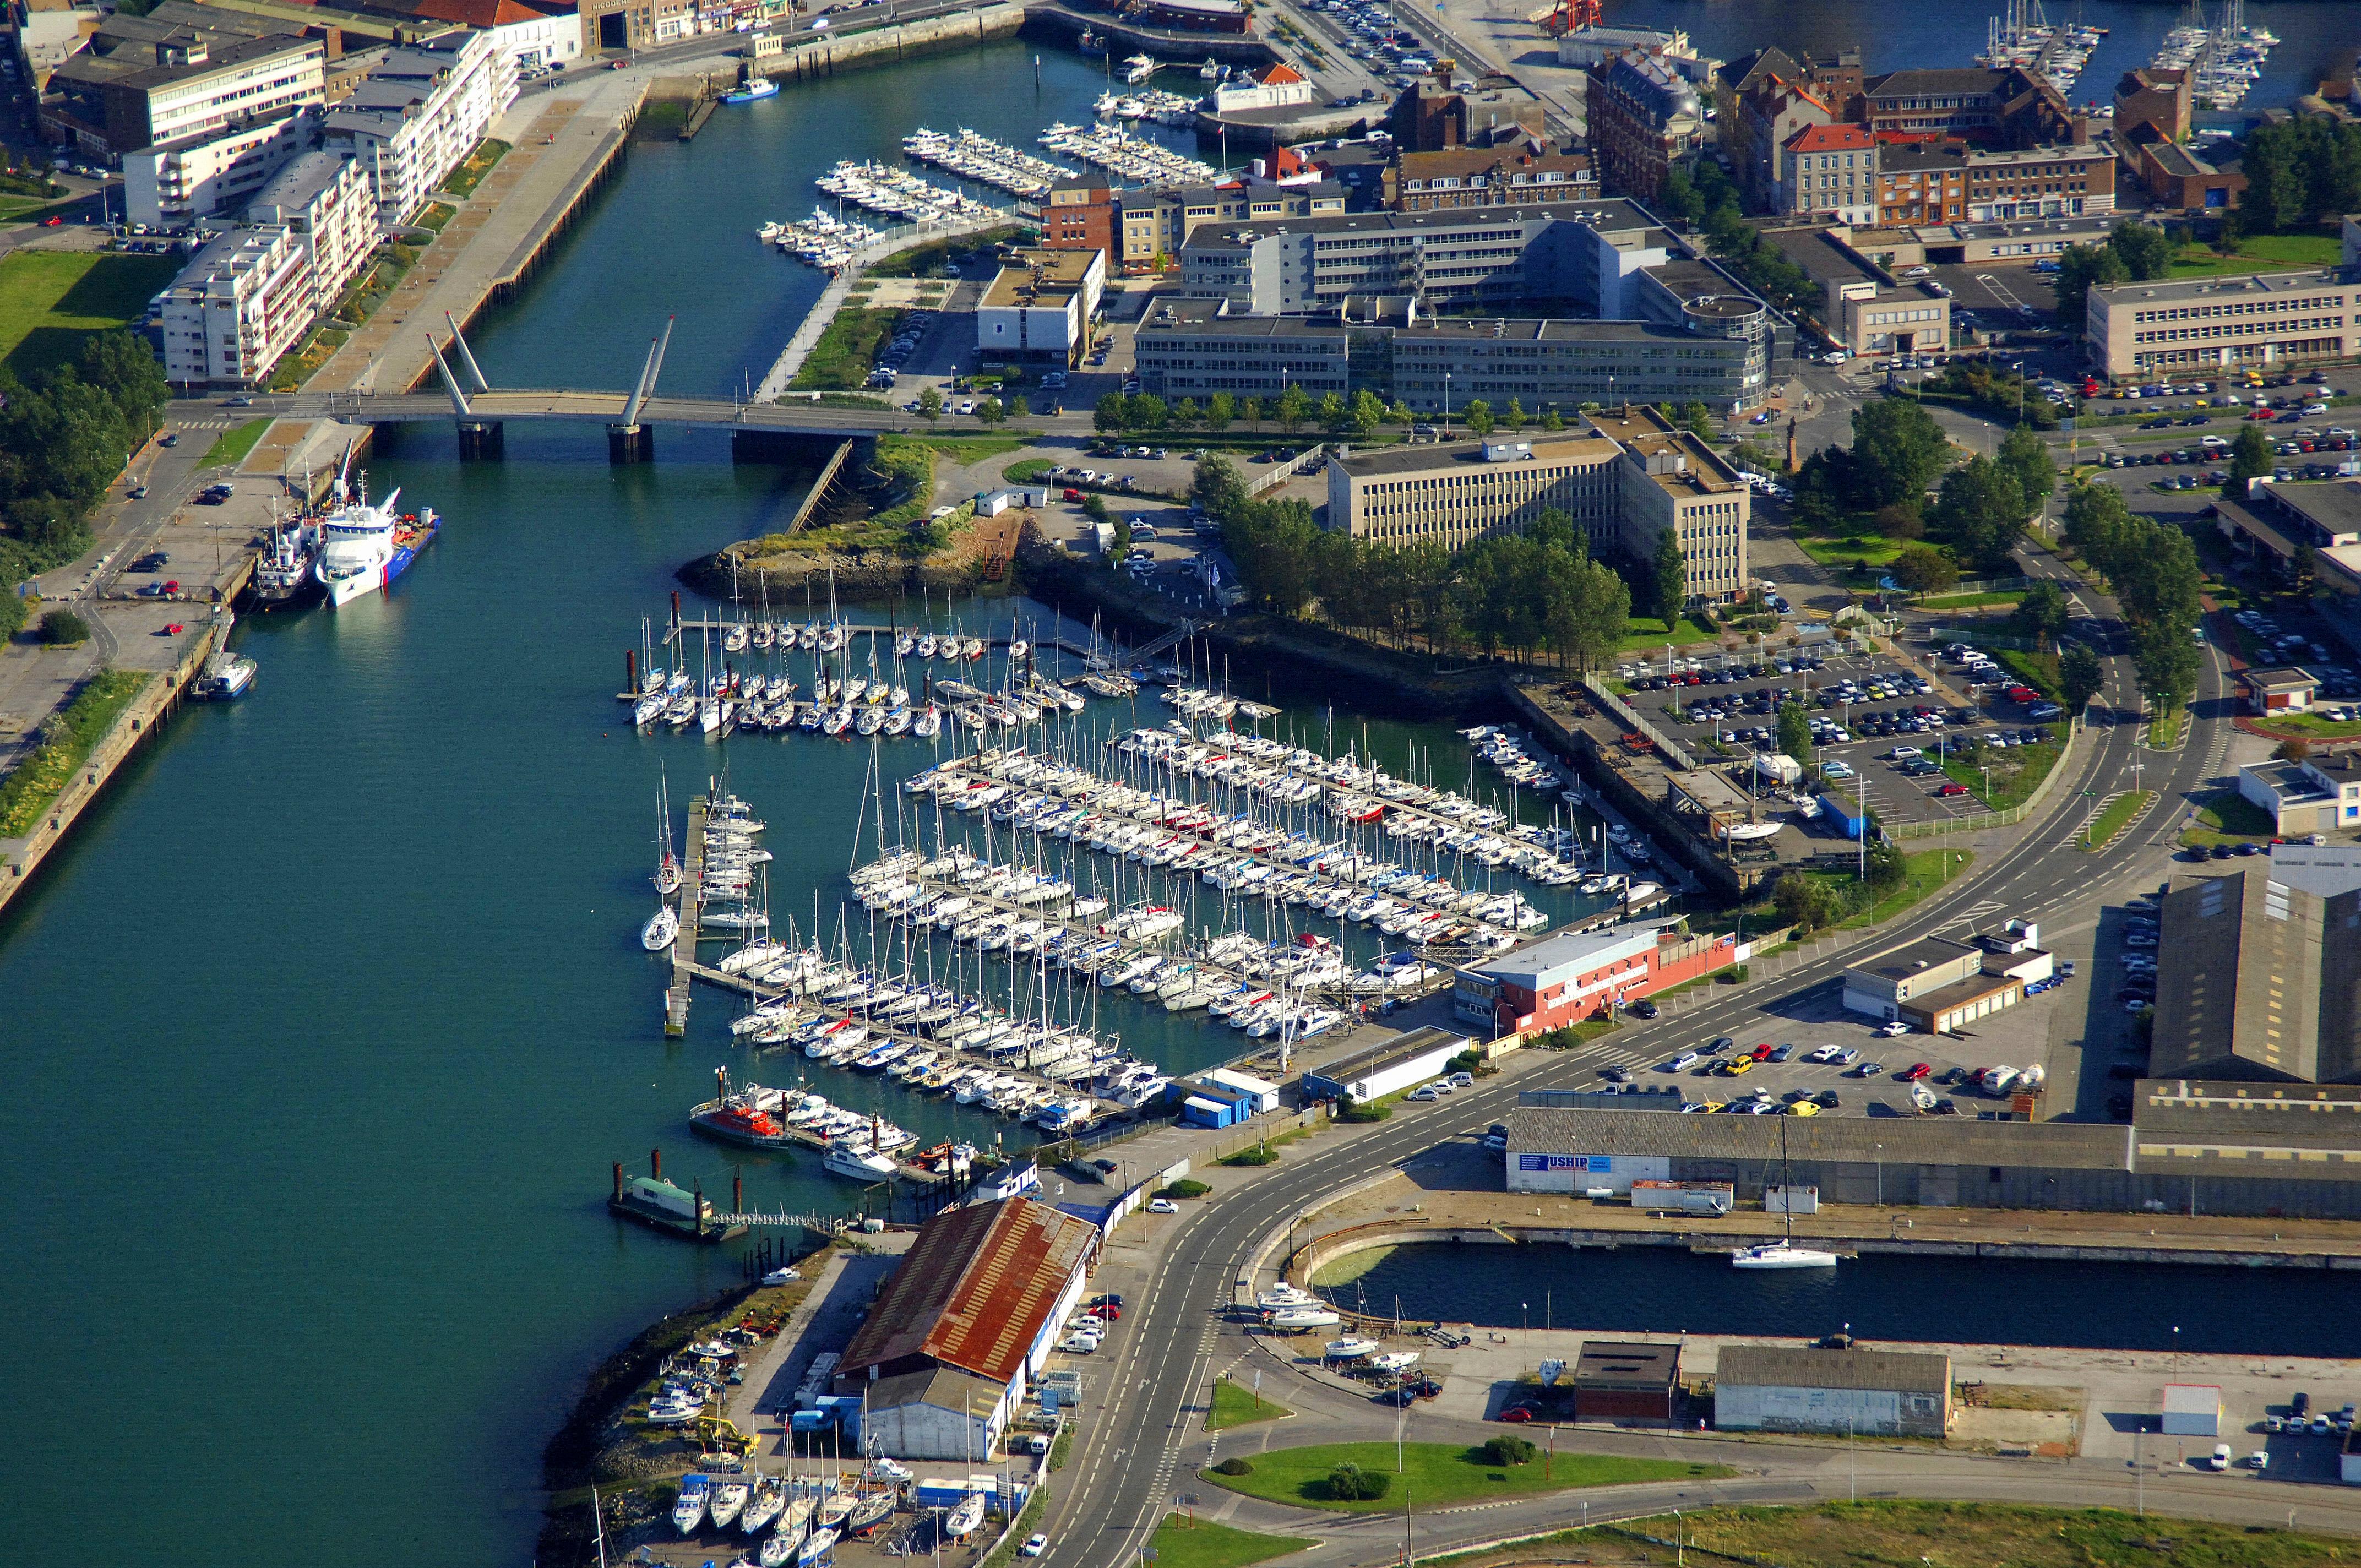 Port of plaisance de dunkerque marina in dunkerque norde pas de calais france marina reviews - Dunkirk port france address ...